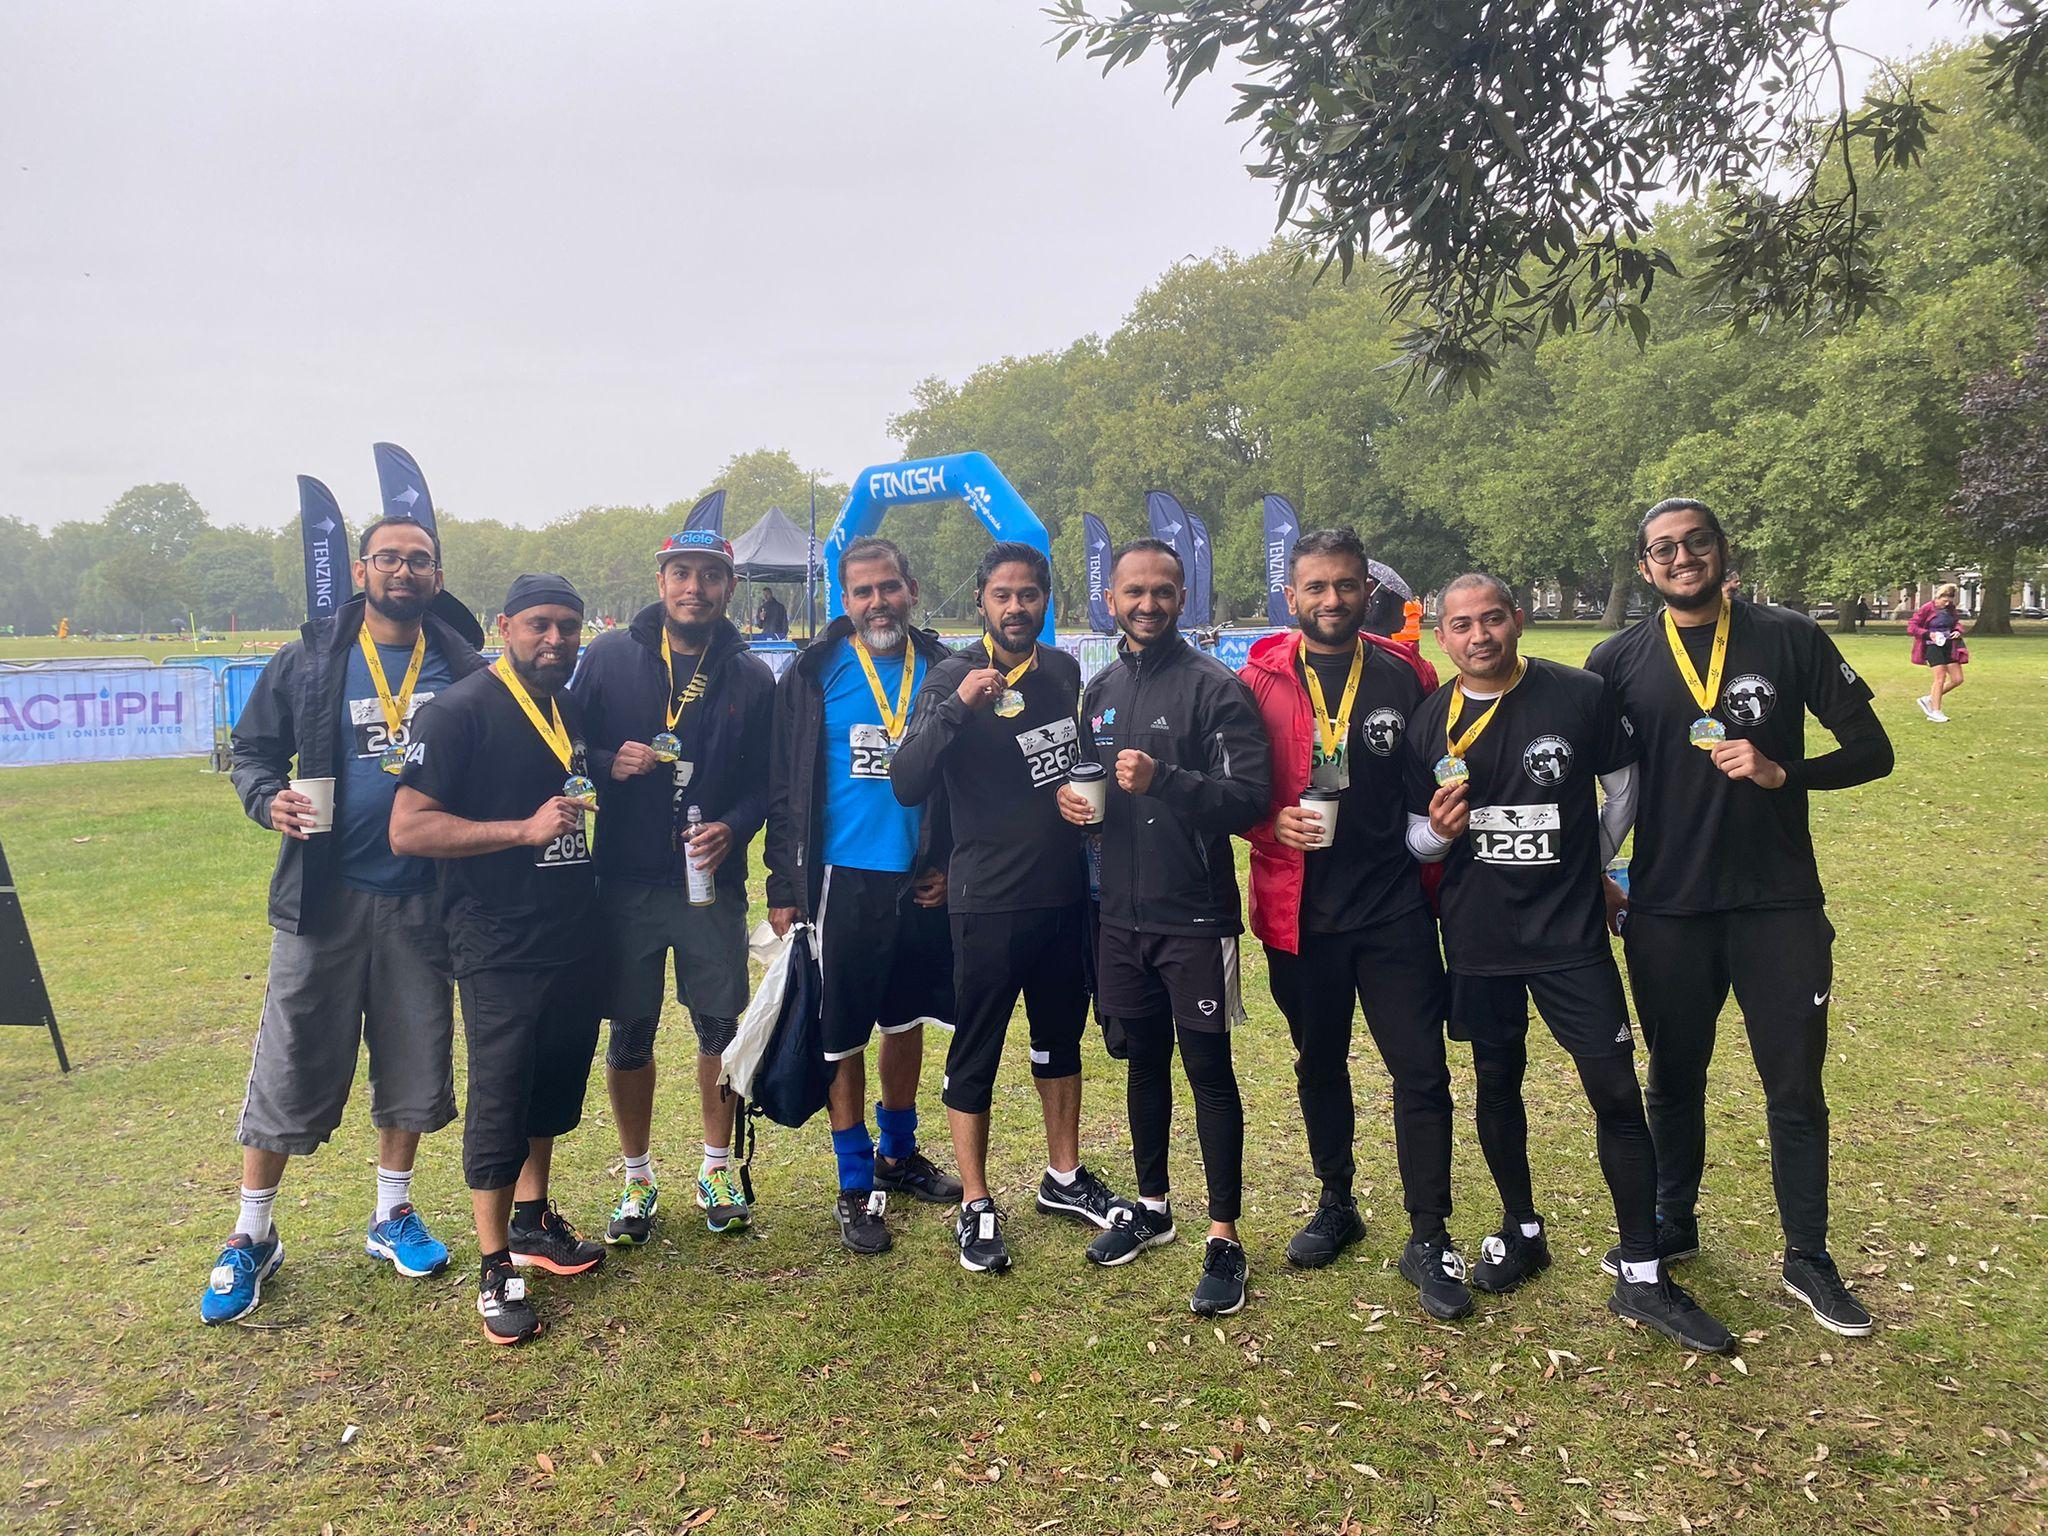 BFA dads n lads break PB in 5K, 10K & Half Marathon in Victoria Park